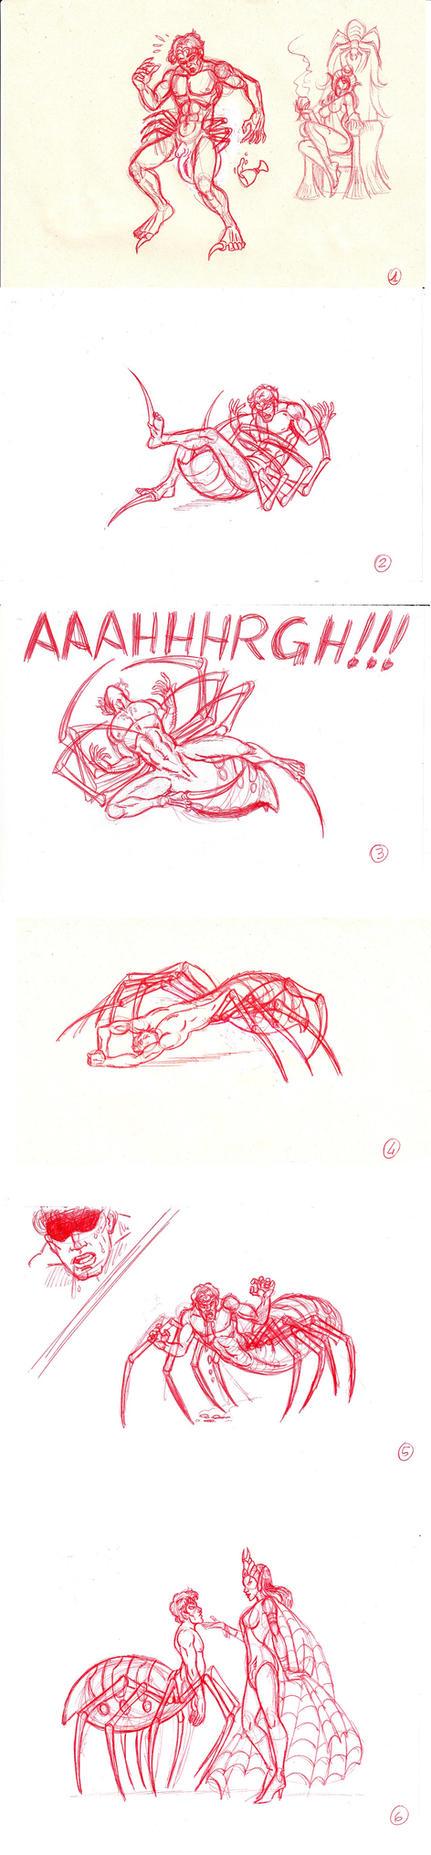 Spider-centaur sequenza di trasformazione by FaGian